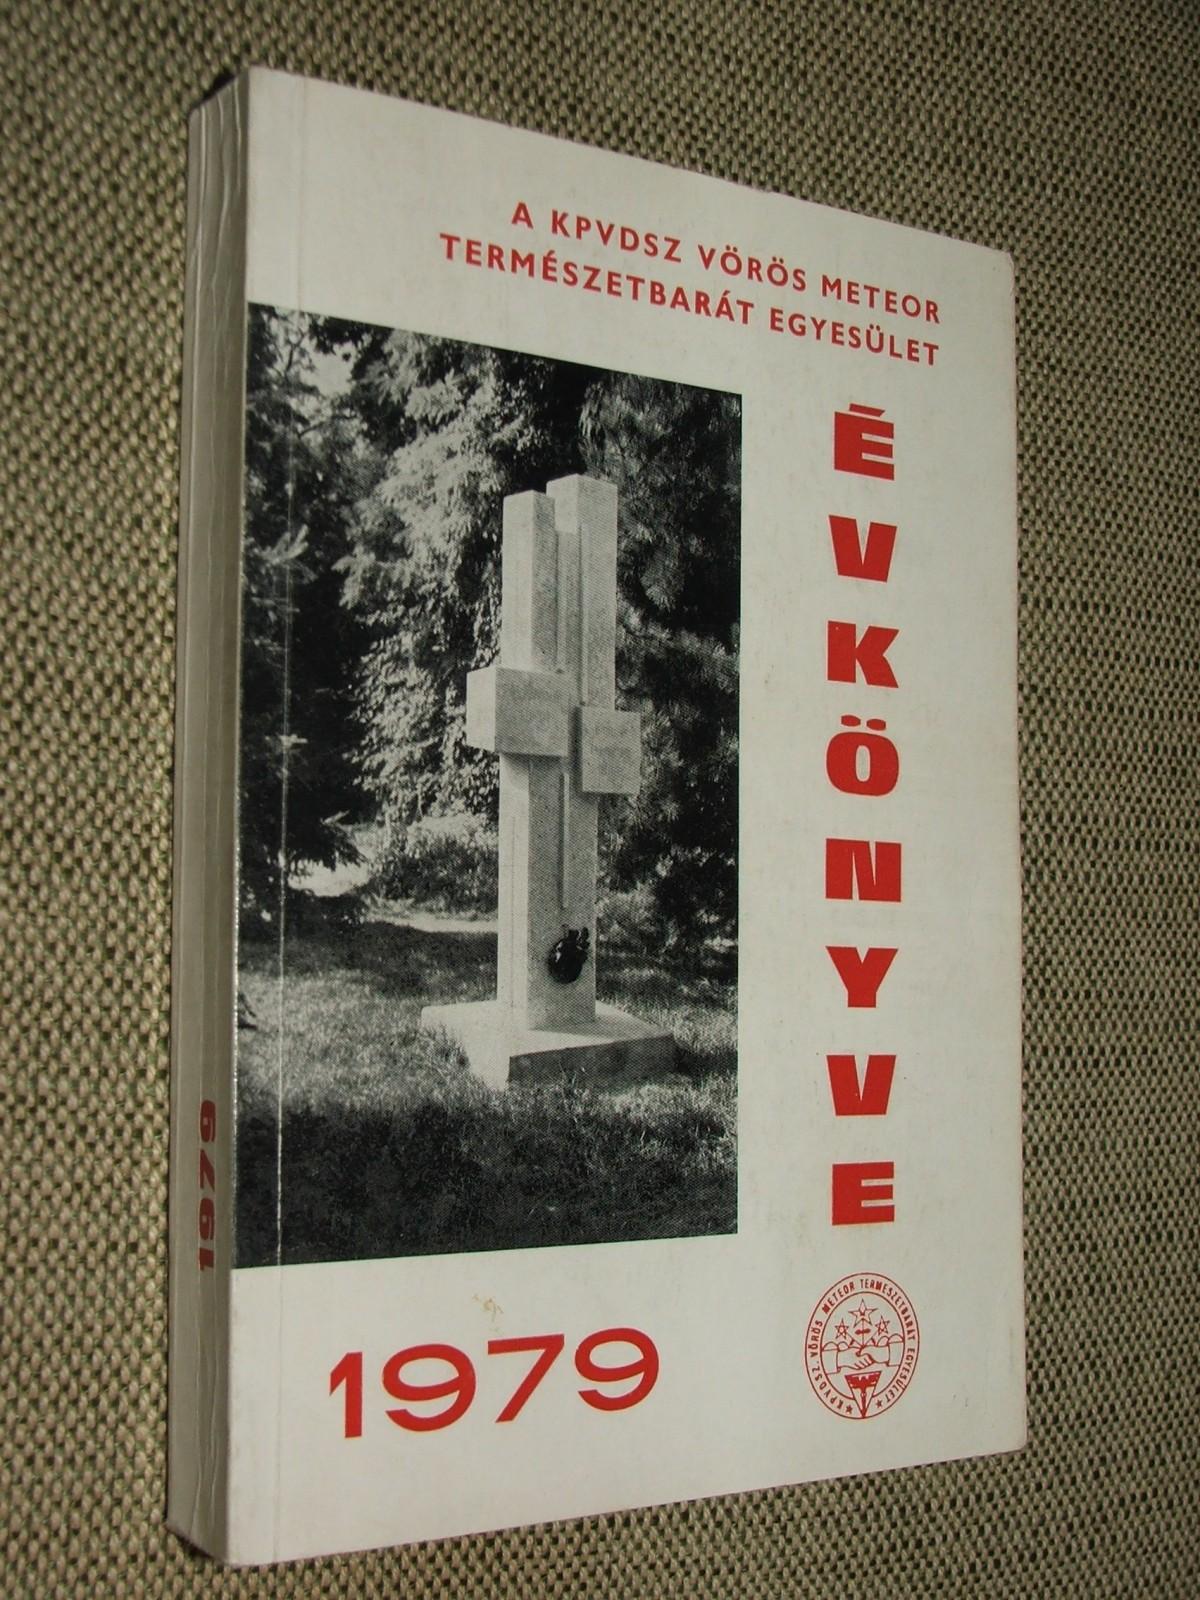 (SZÁSZ Károly szerk.): A KPVDSZ Vörös Meteor Természetbarát Egyesület évkönyve 1979